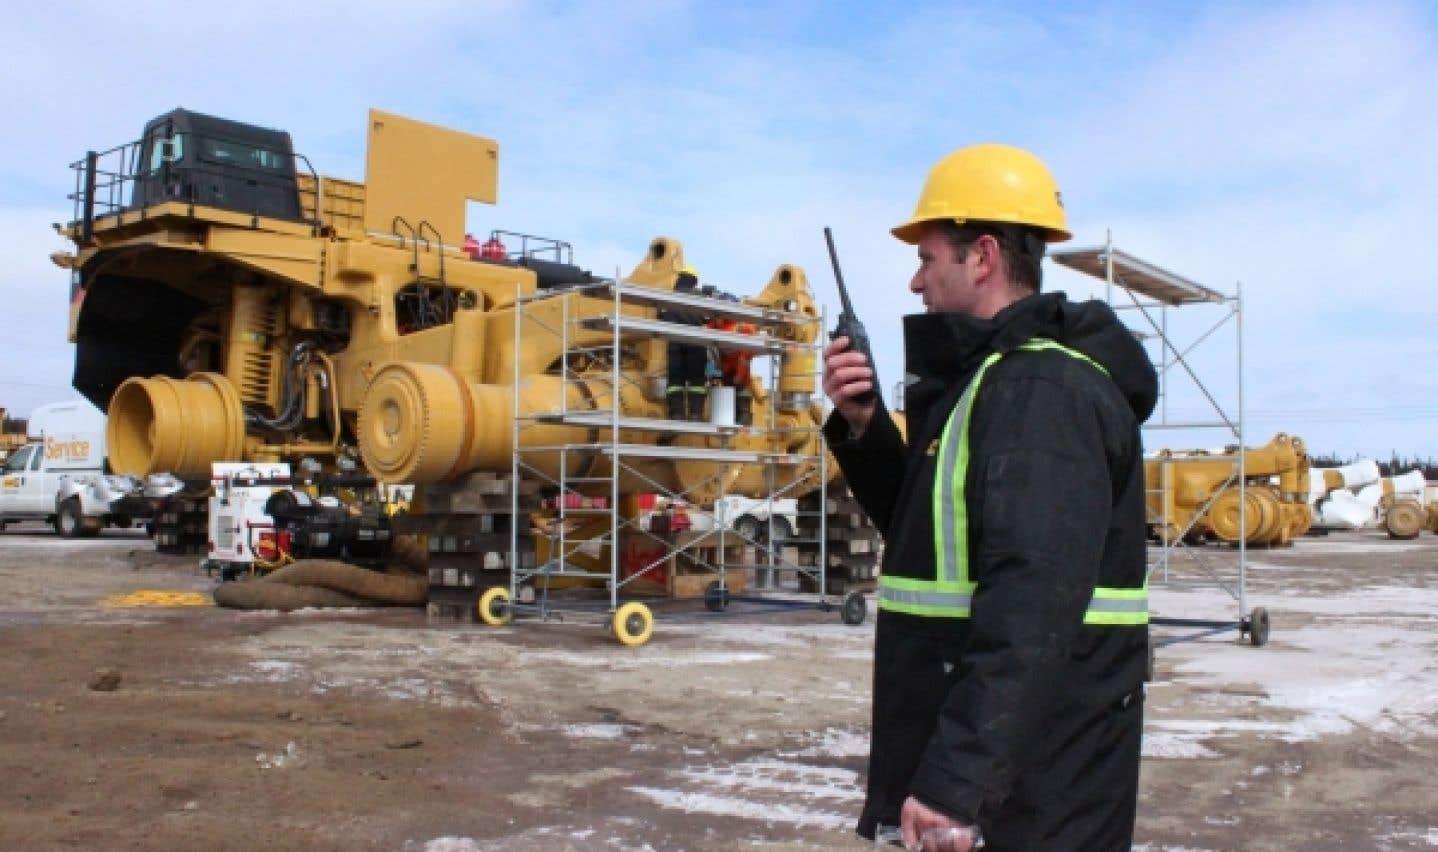 Le Fonds de solidarité FTQ s'est donné cinq lignes directrices en matière de pratiques liées au développement durable et à la responsabilité sociale dans la gestion des projets miniers, car il est question cette année pour le Fonds d'investir dans le secteur minier québécois.